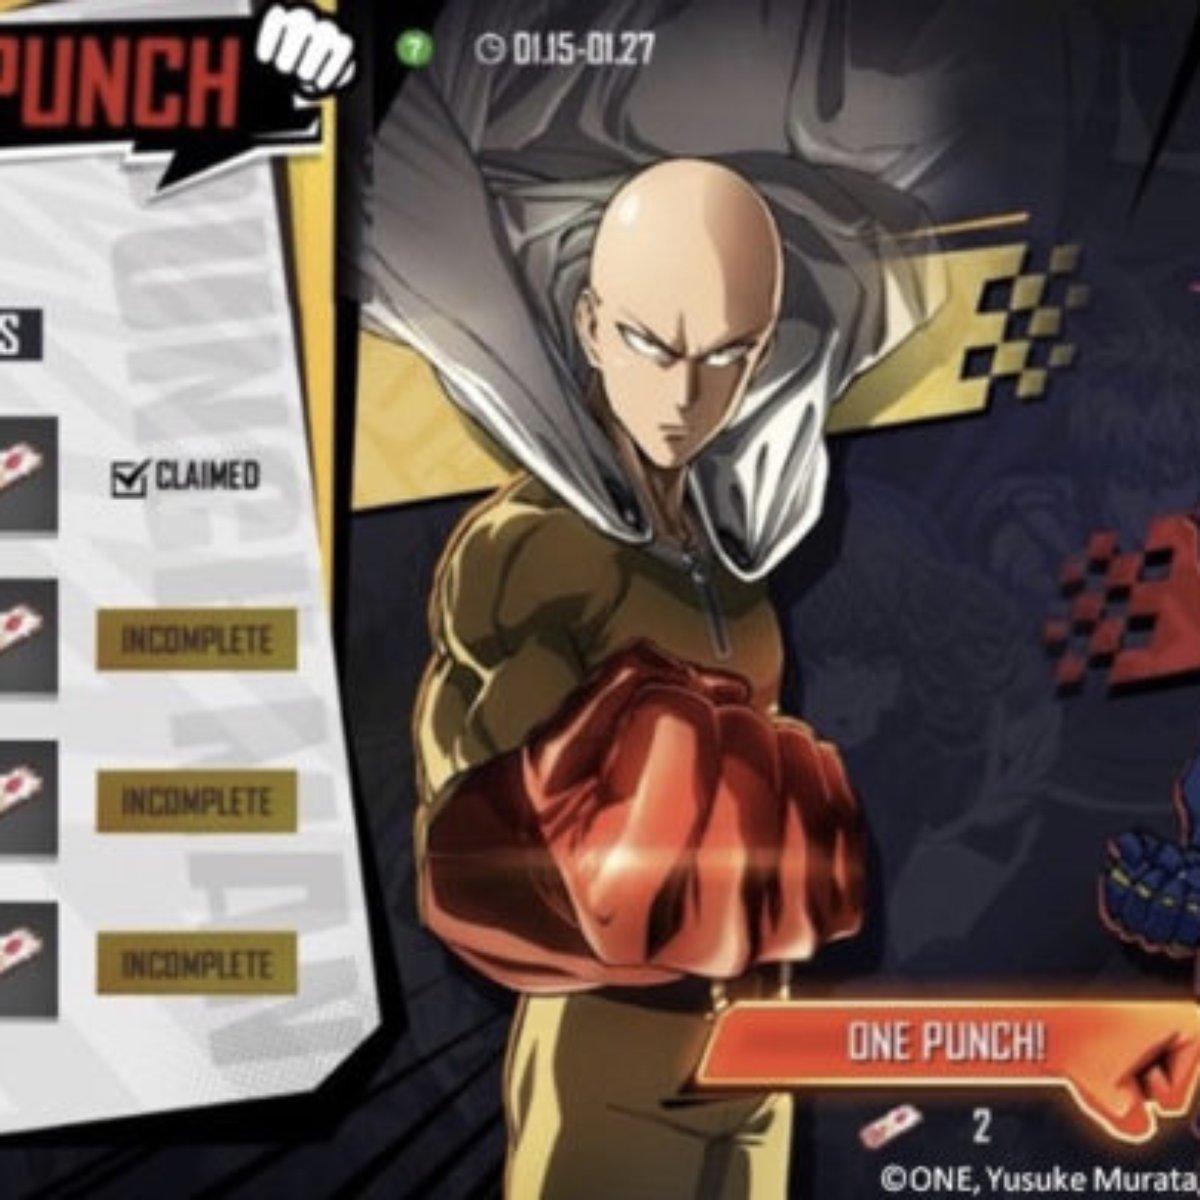 Free Fire Tera Novos Itens Em Evento De One Punch Man